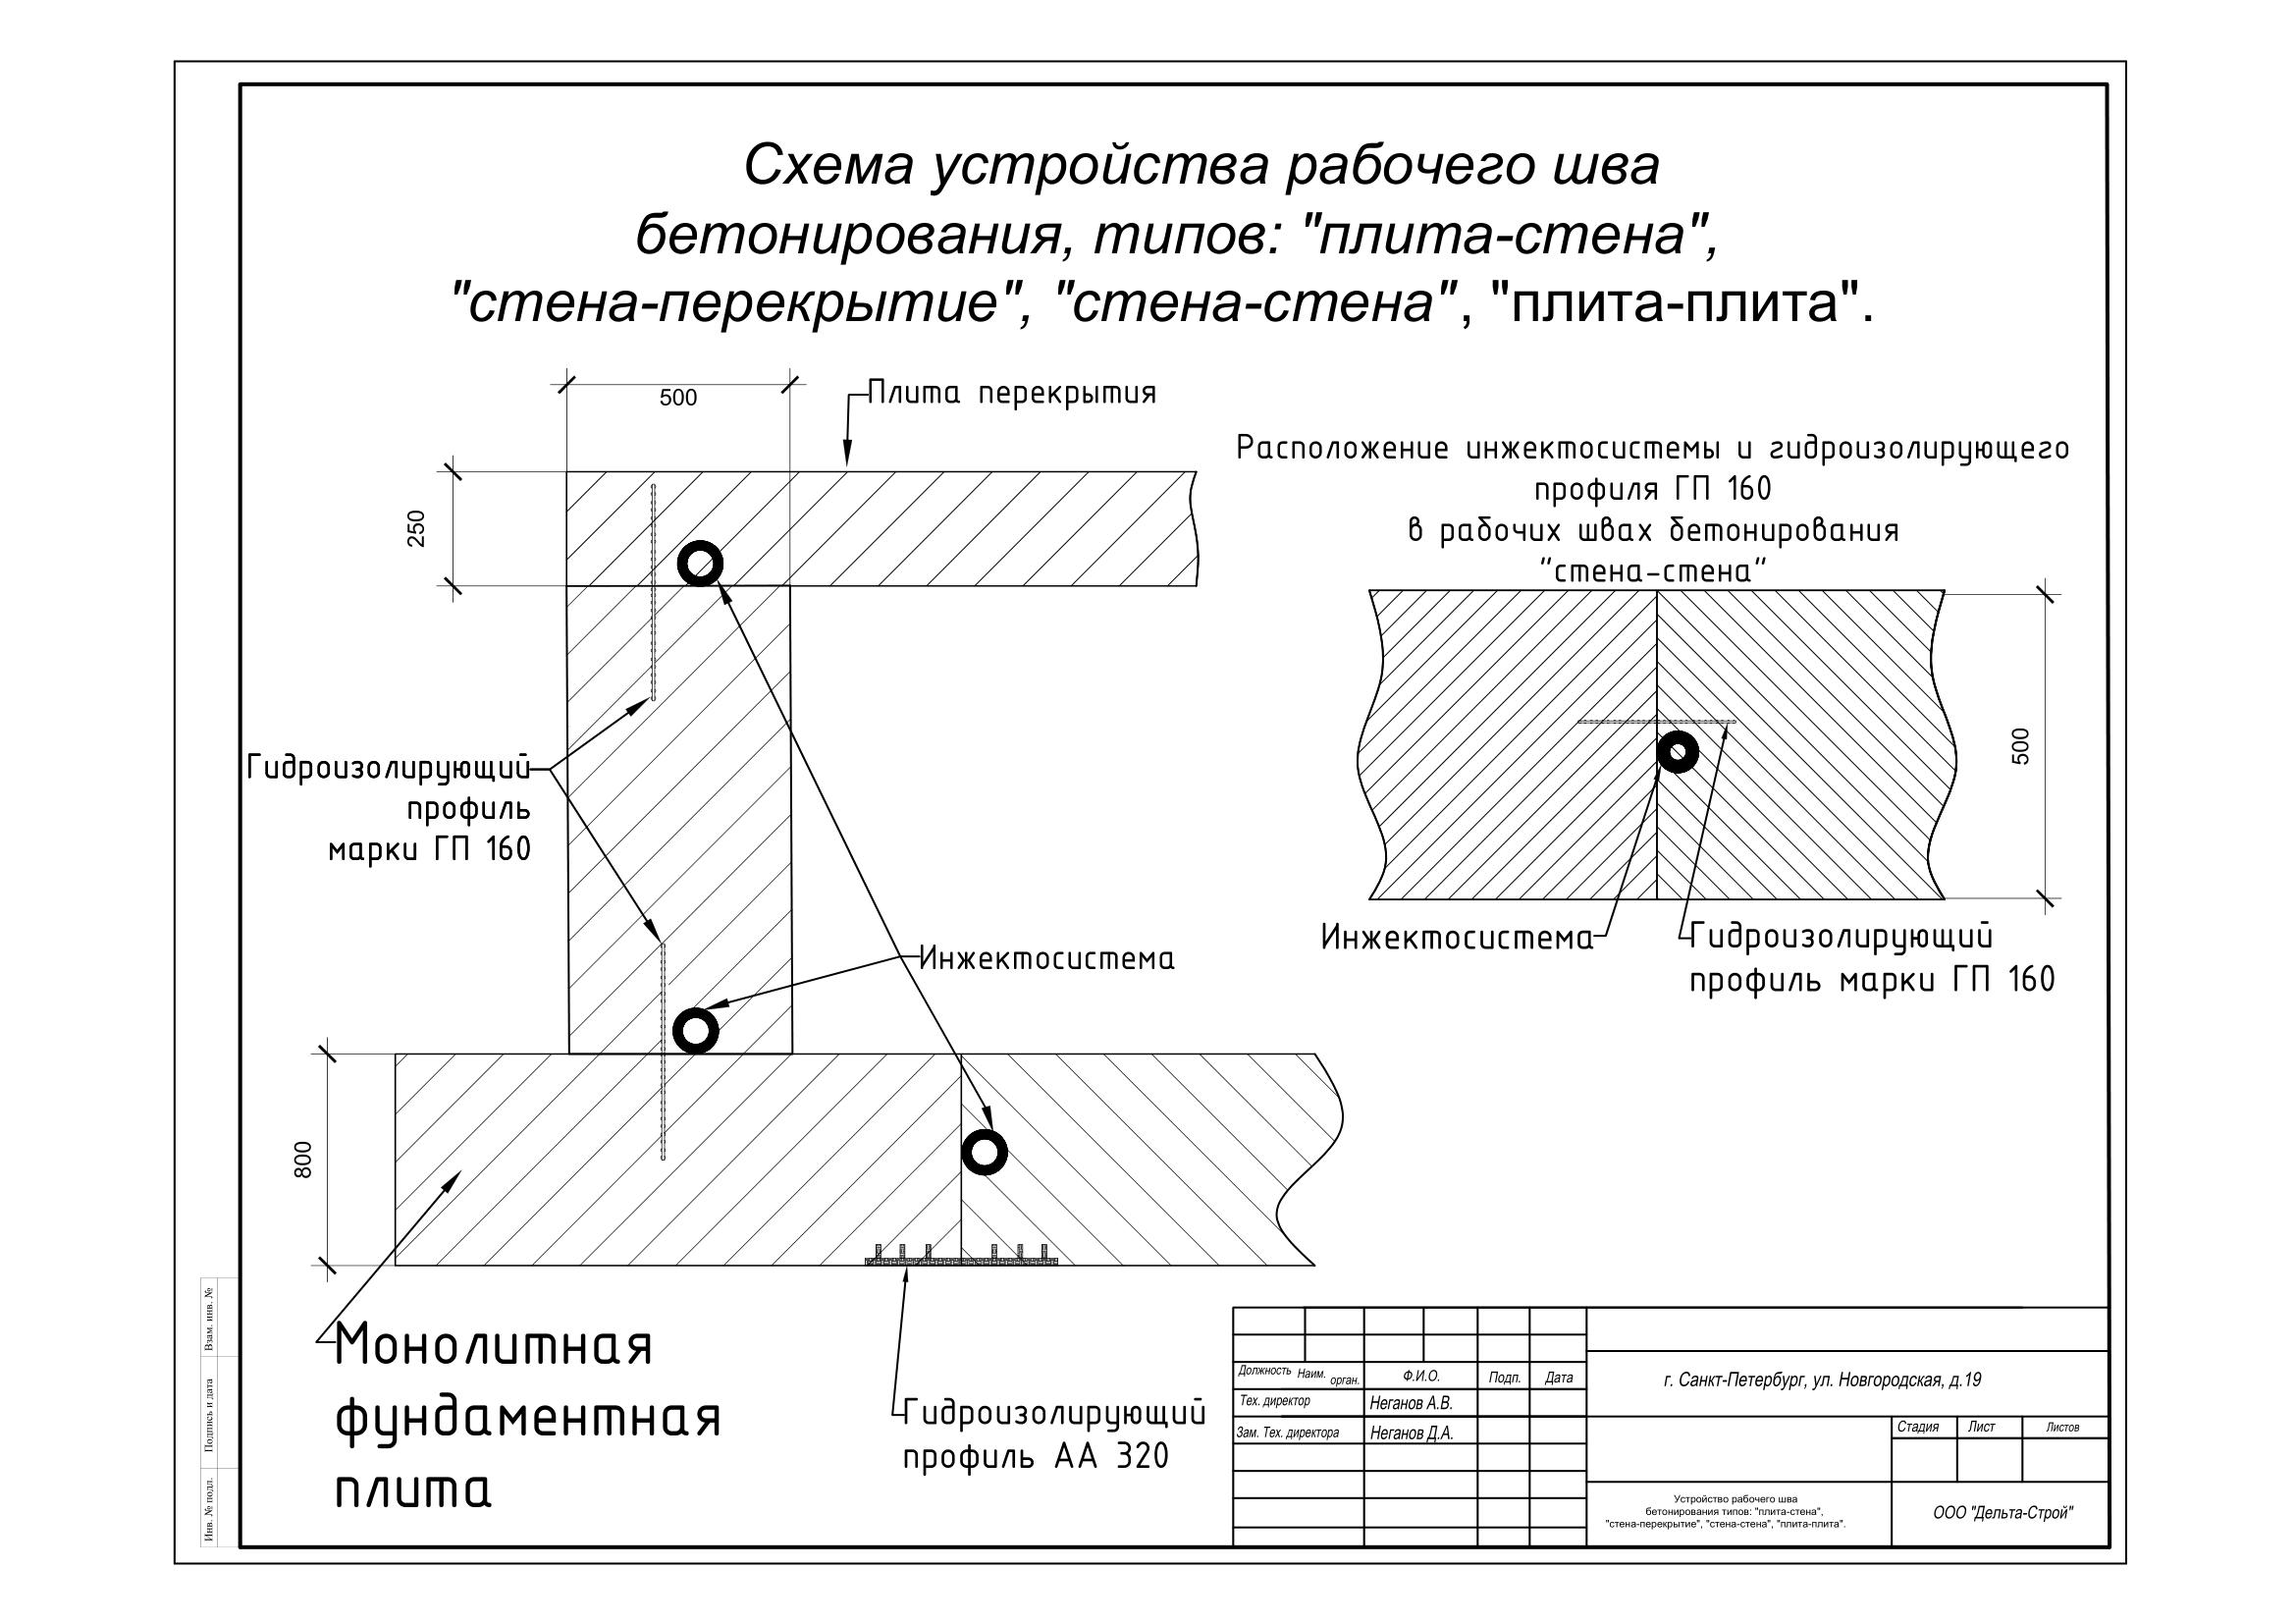 рабочие швы бетонирования-1